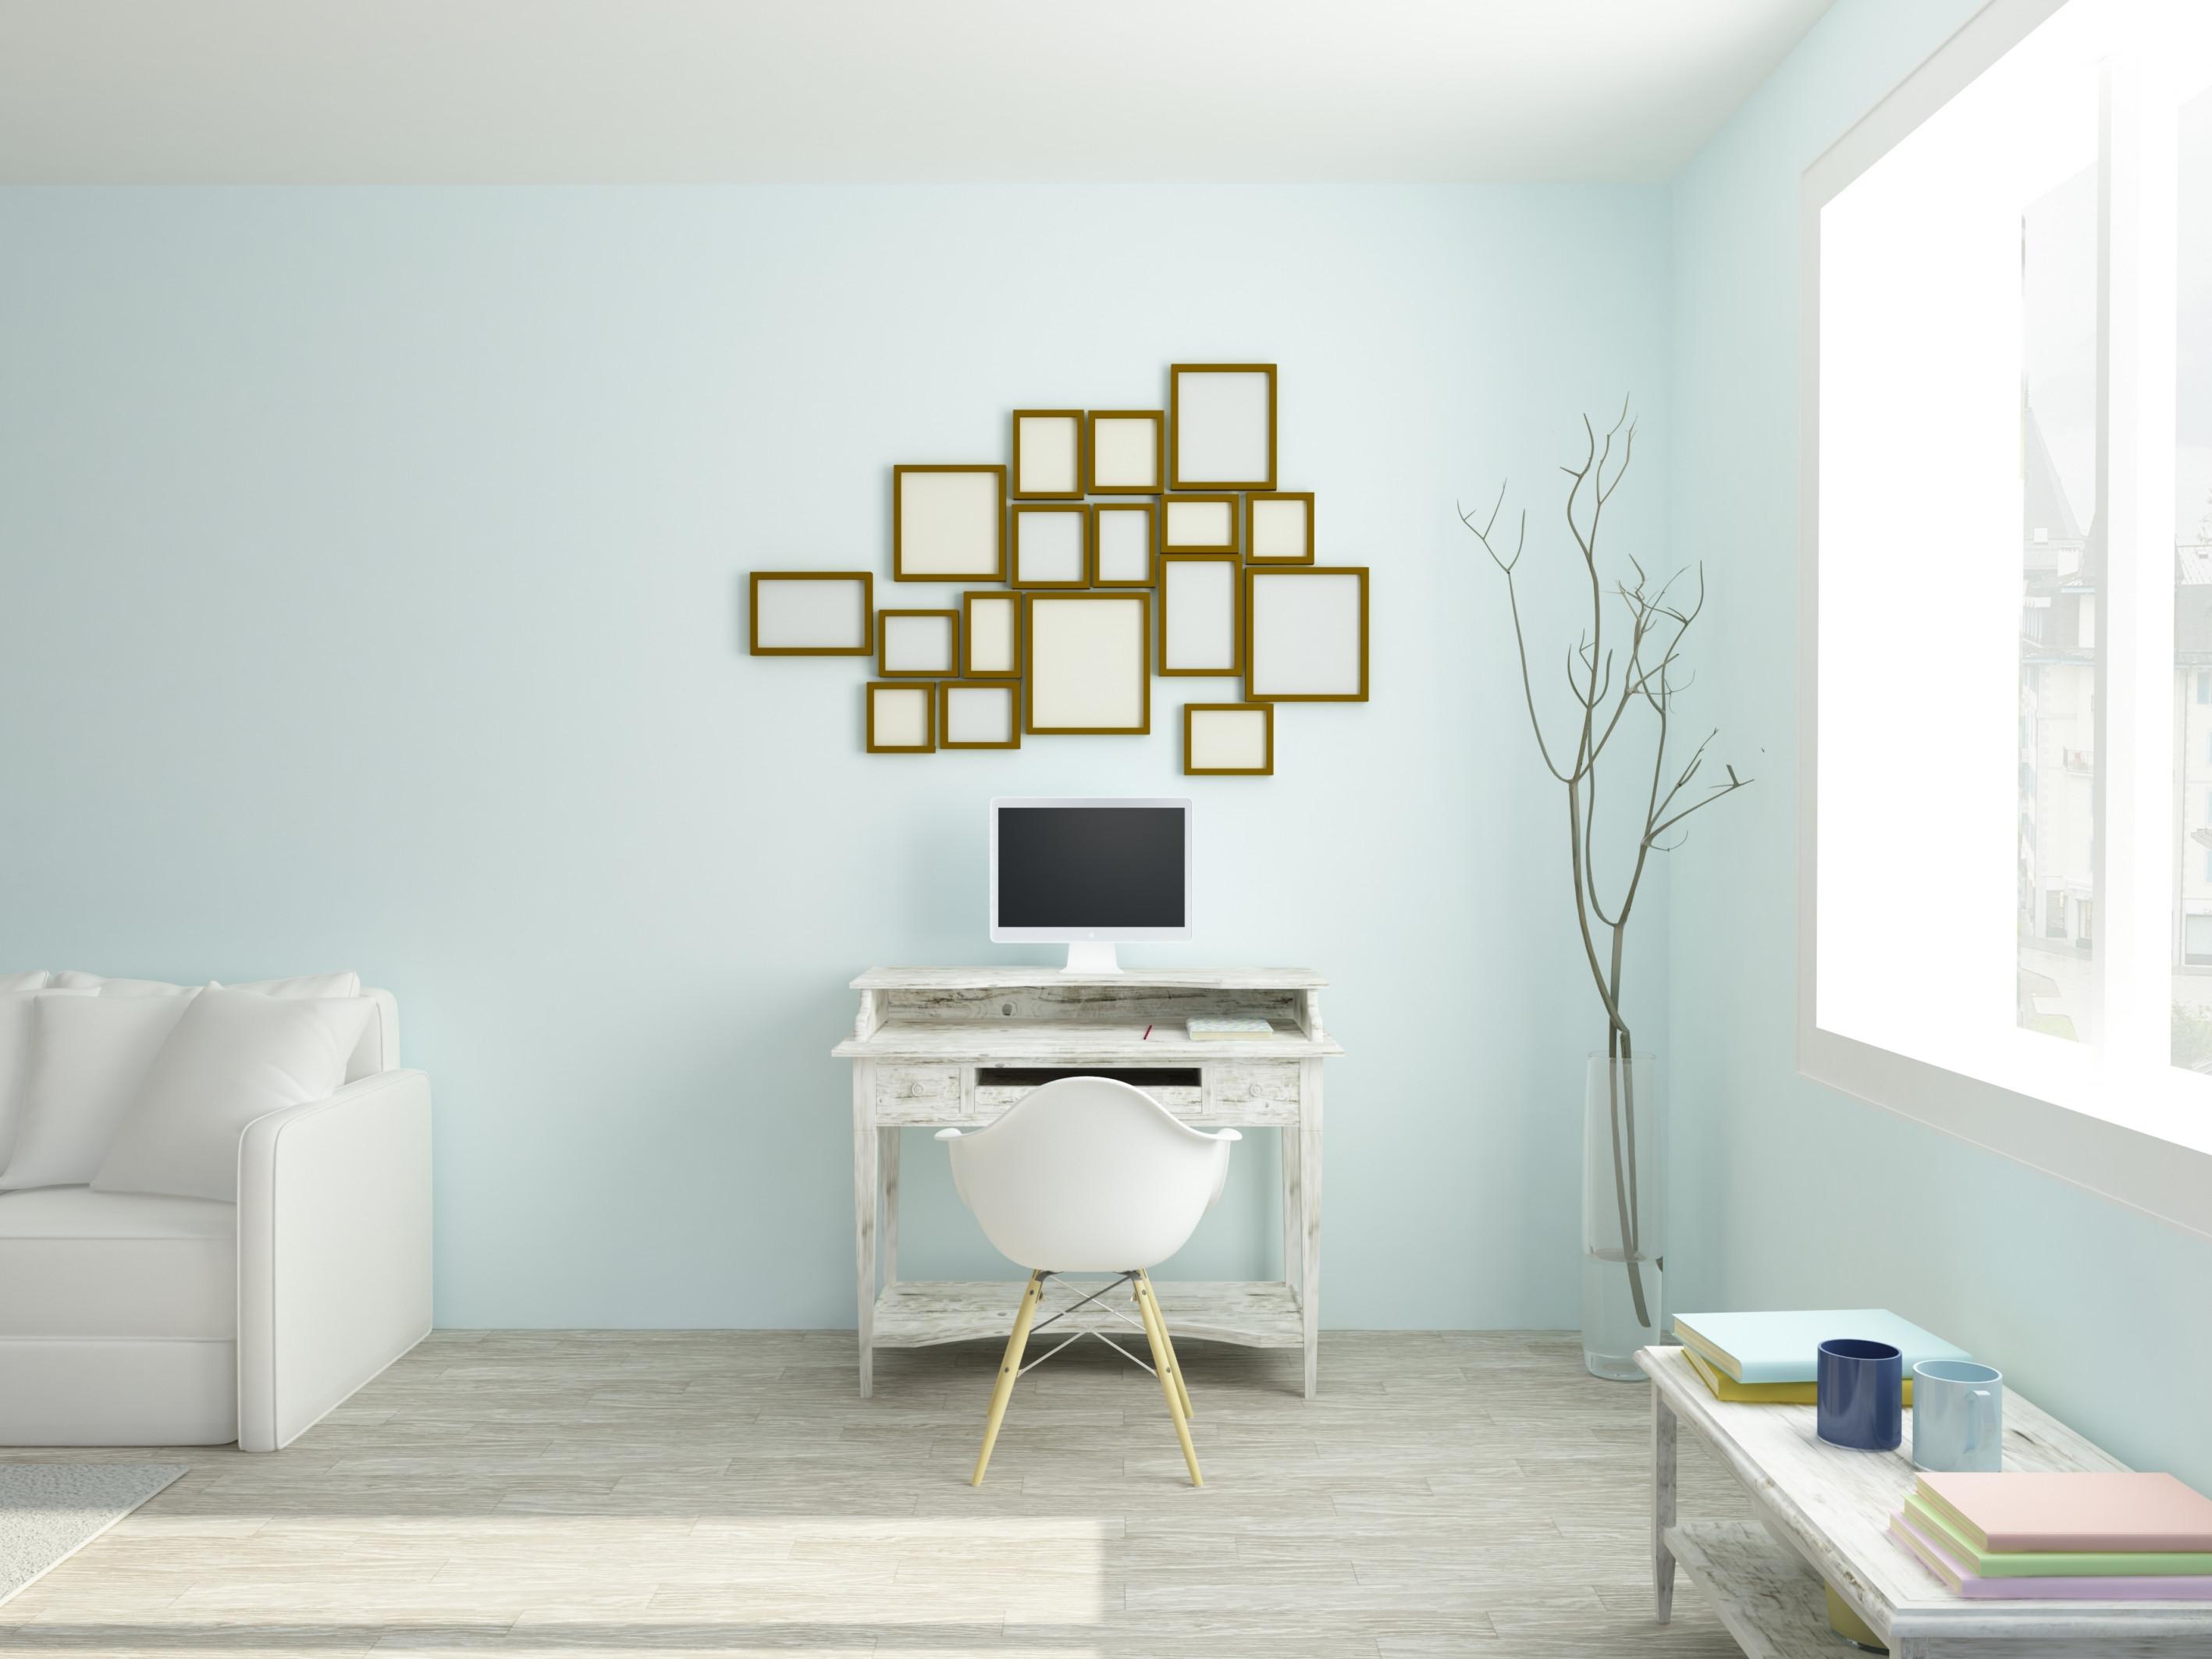 Bilder In Der Neuen Wohnung Aufhängen – So Wird Es Schön von Bilder Zum Aufhängen Im Wohnzimmer Photo